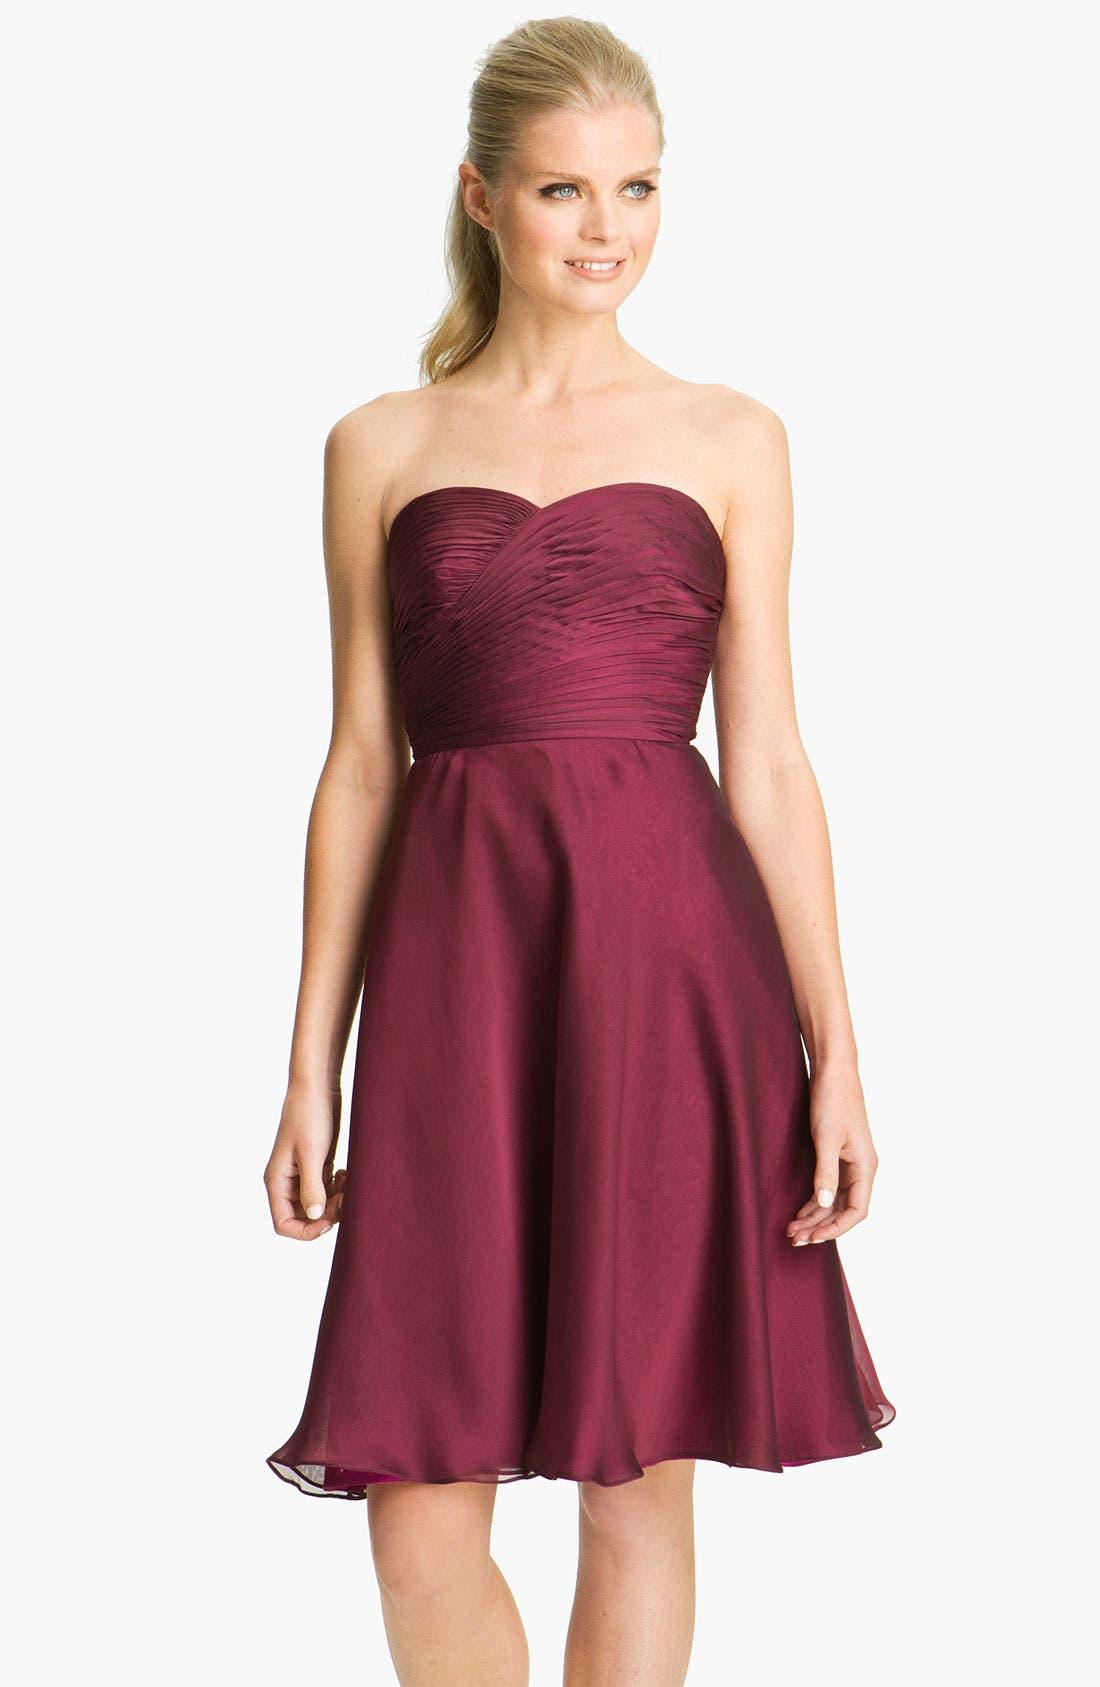 MONIQUE LHUILLIER BRIDESMAIDS ML Monique Lhuillier Bridesmaids Pleated Chiffon Sweetheart Dress, Main, color, 930